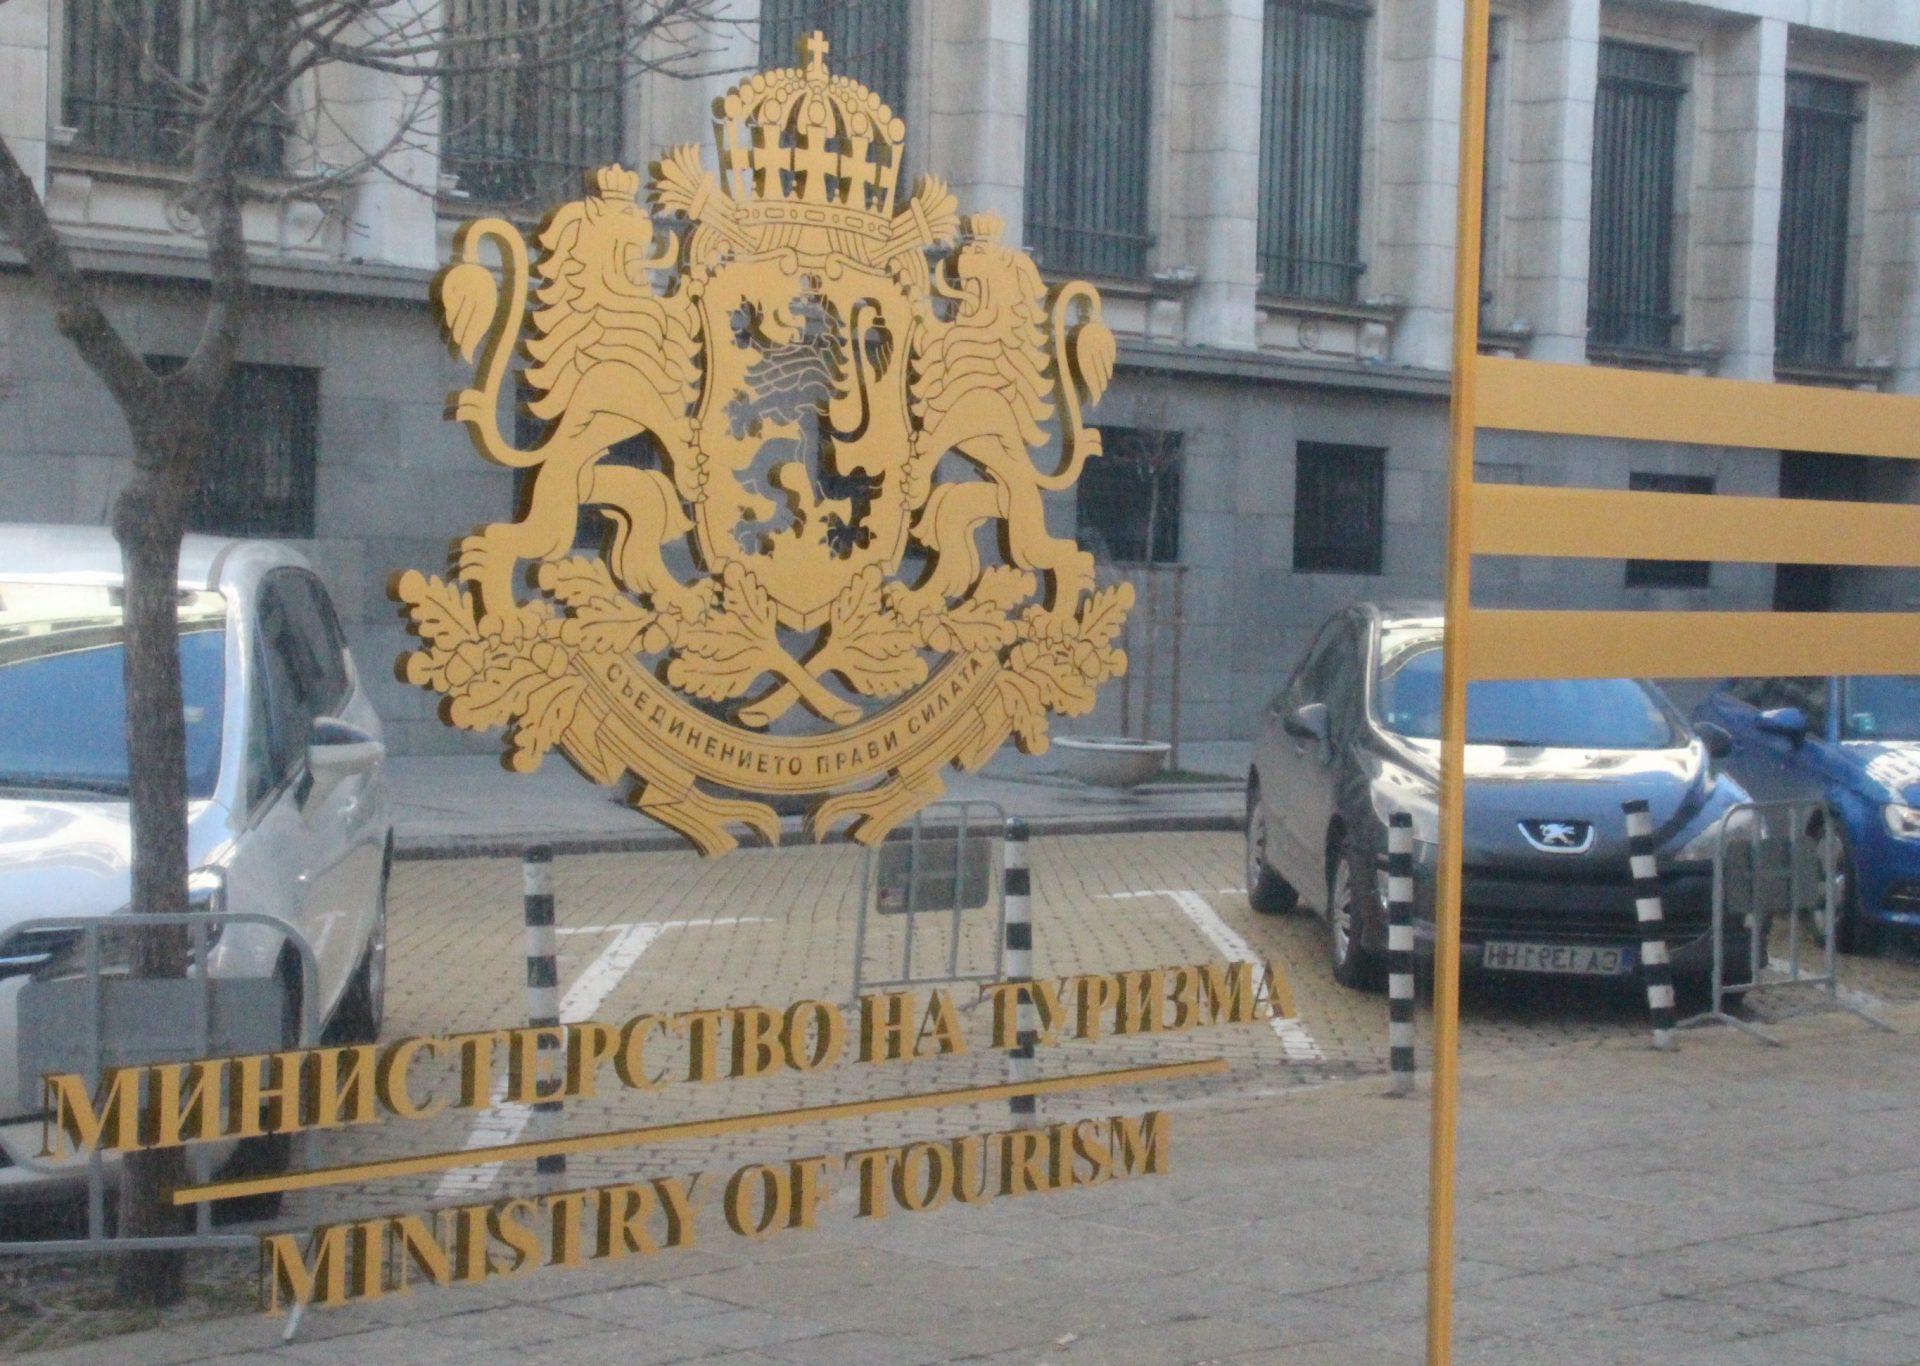 Фалшиви имейли се разпространяват от името на Министерството на туризма